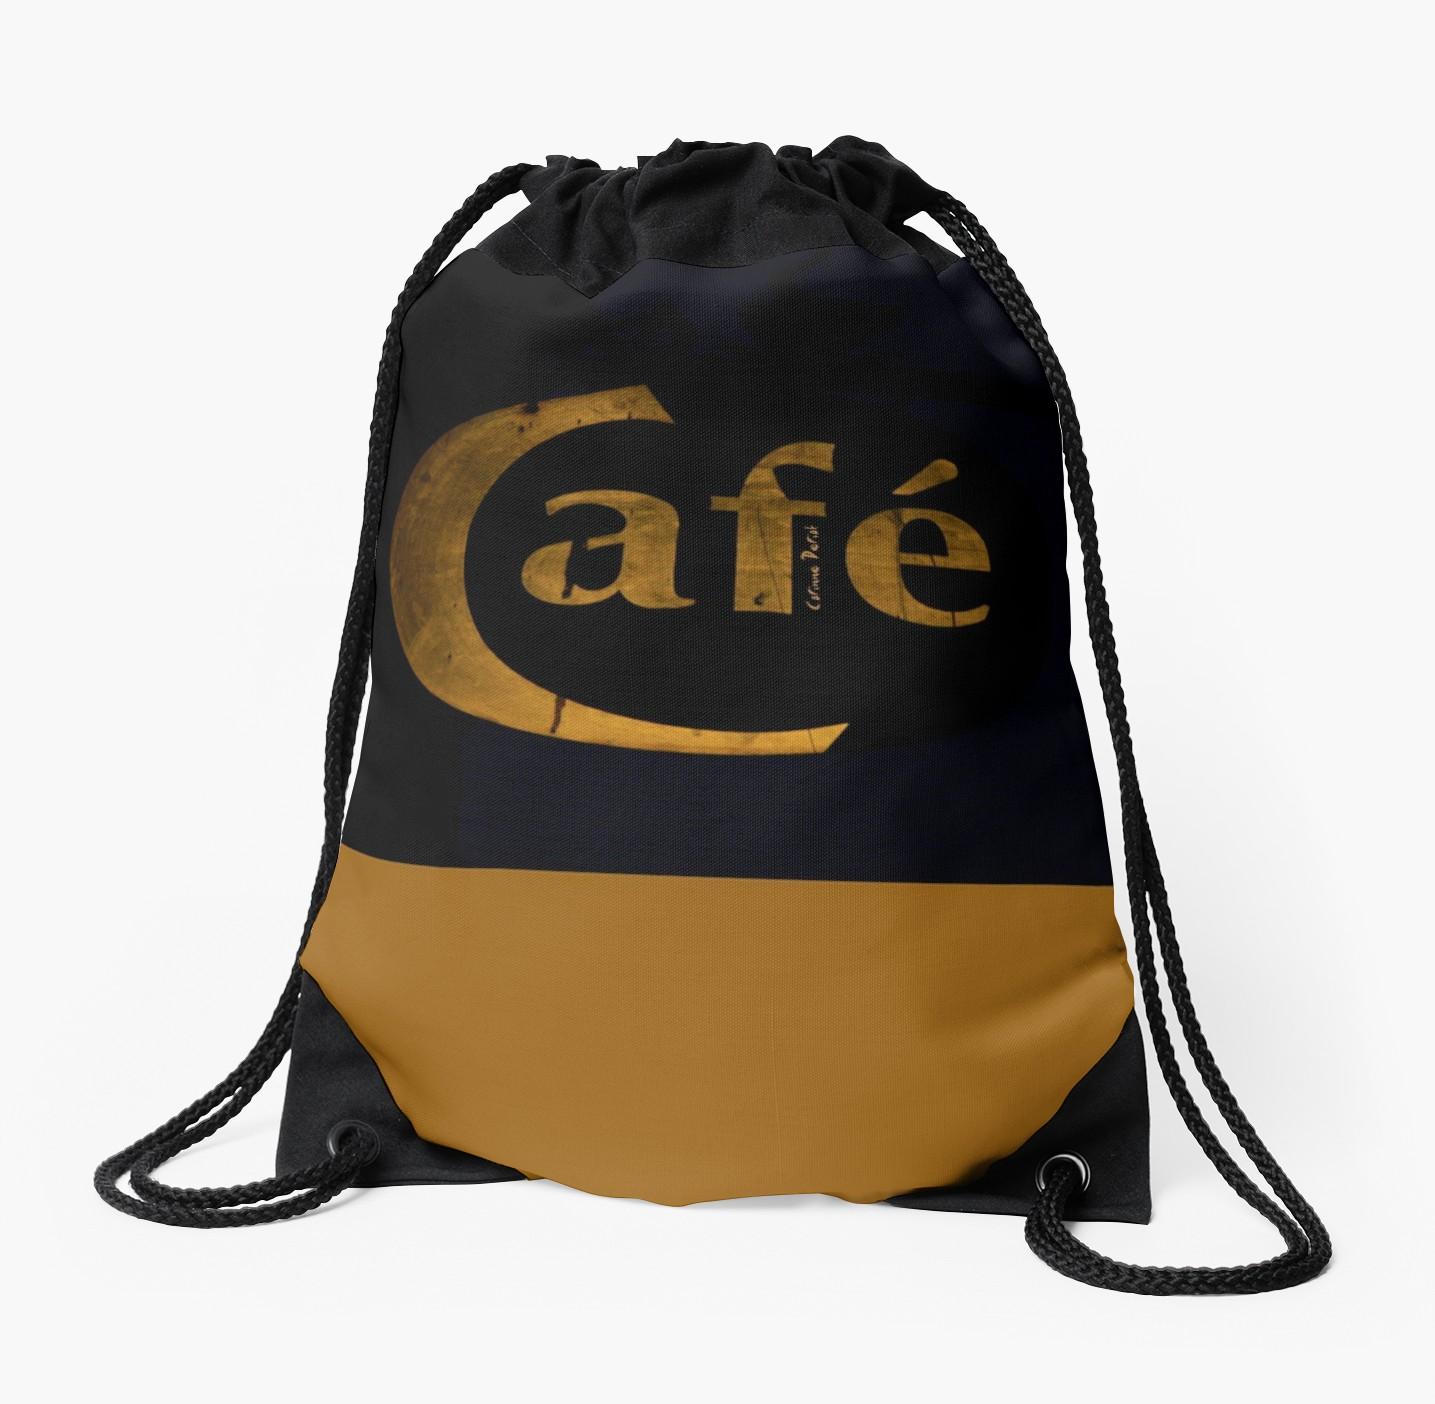 Sac_à_dos_Café_noir